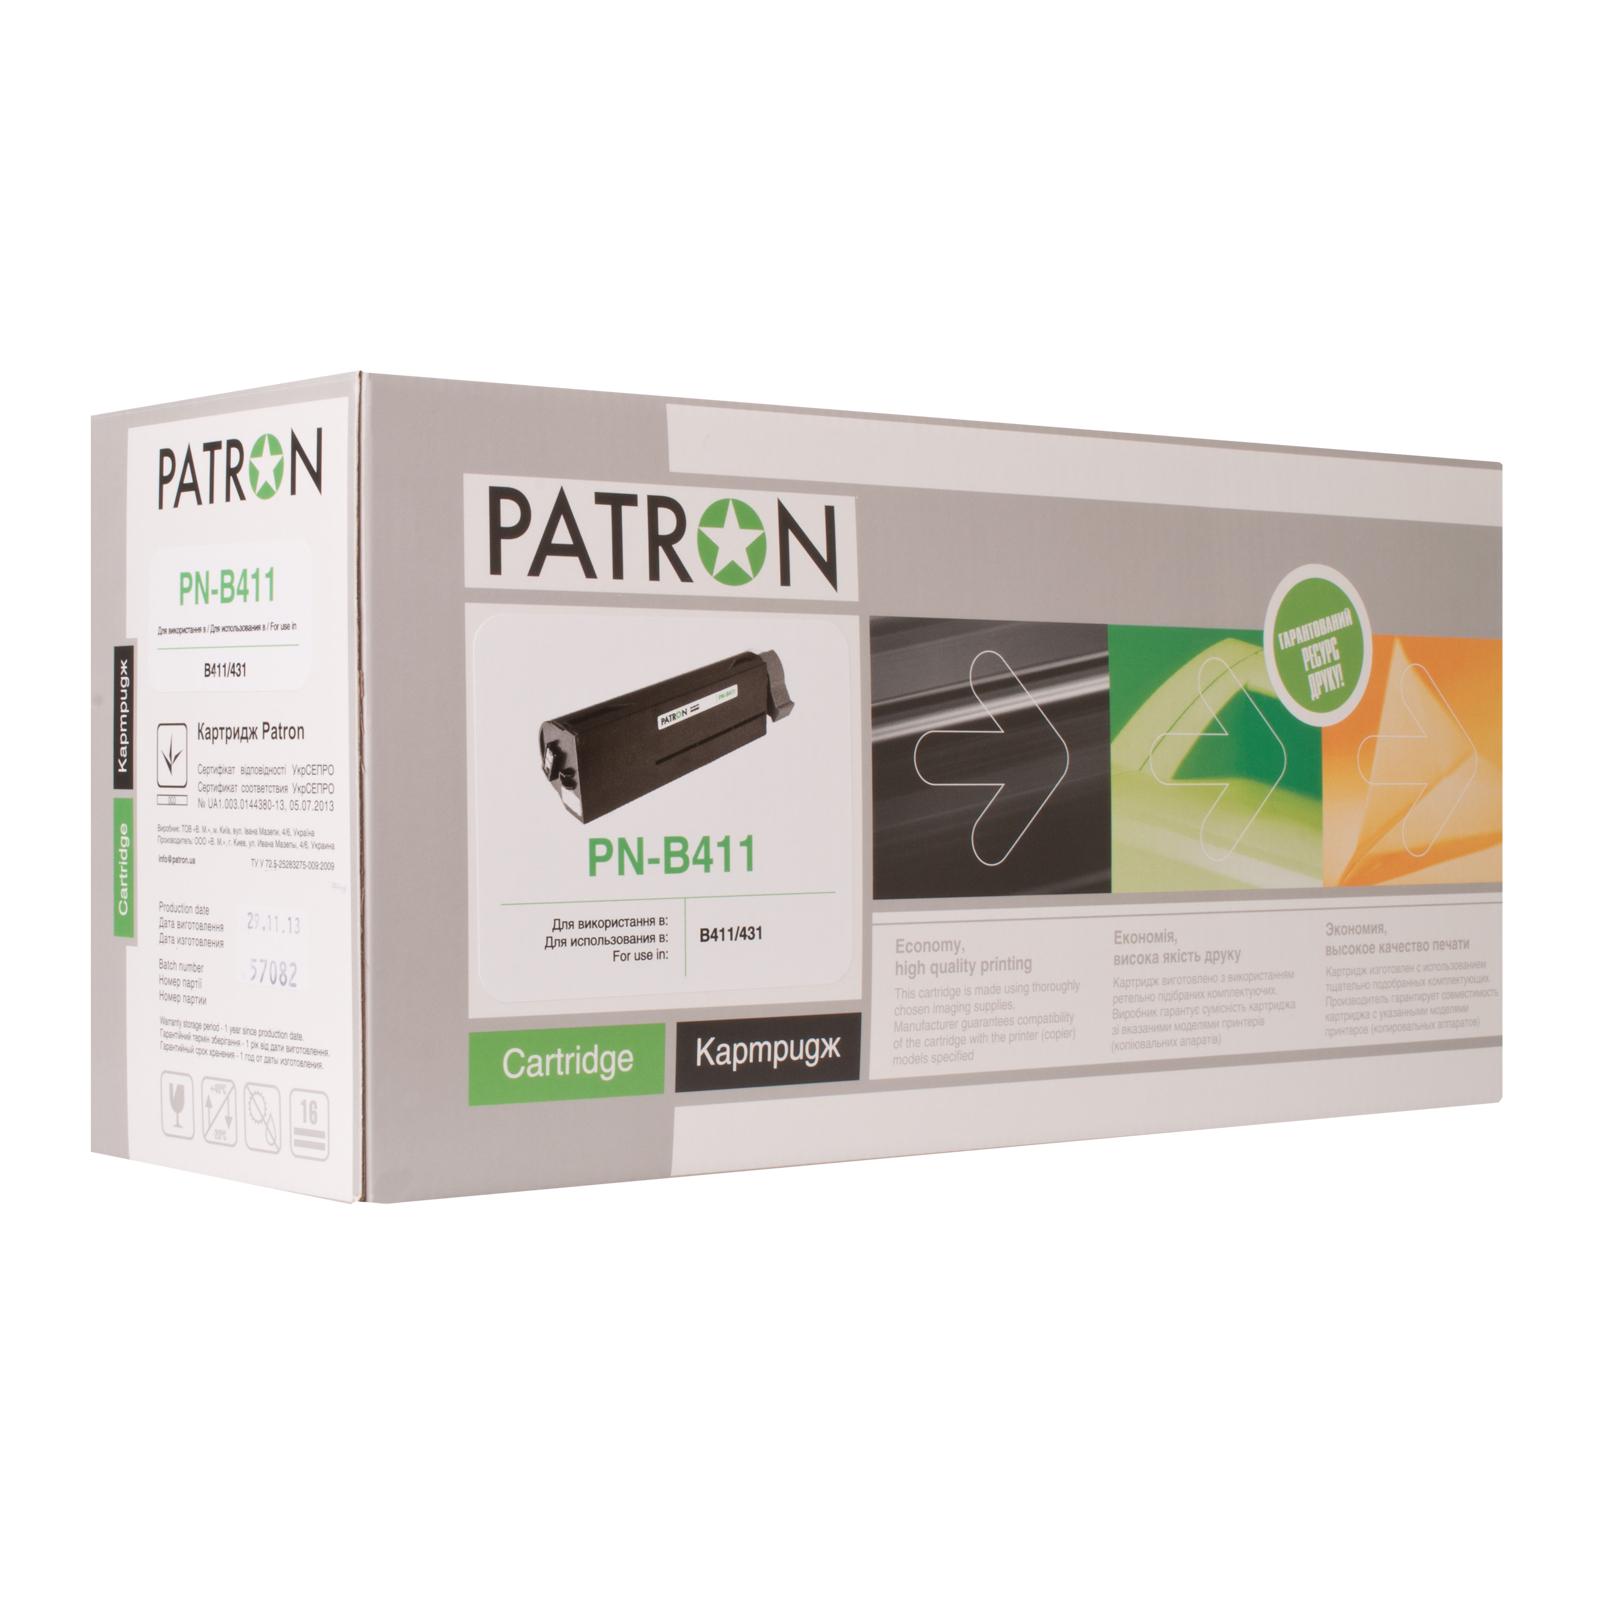 Тонер-картридж PATRON OKI B411/B431 (44574705) PN-B411 (CT-OKI-B411-PN)